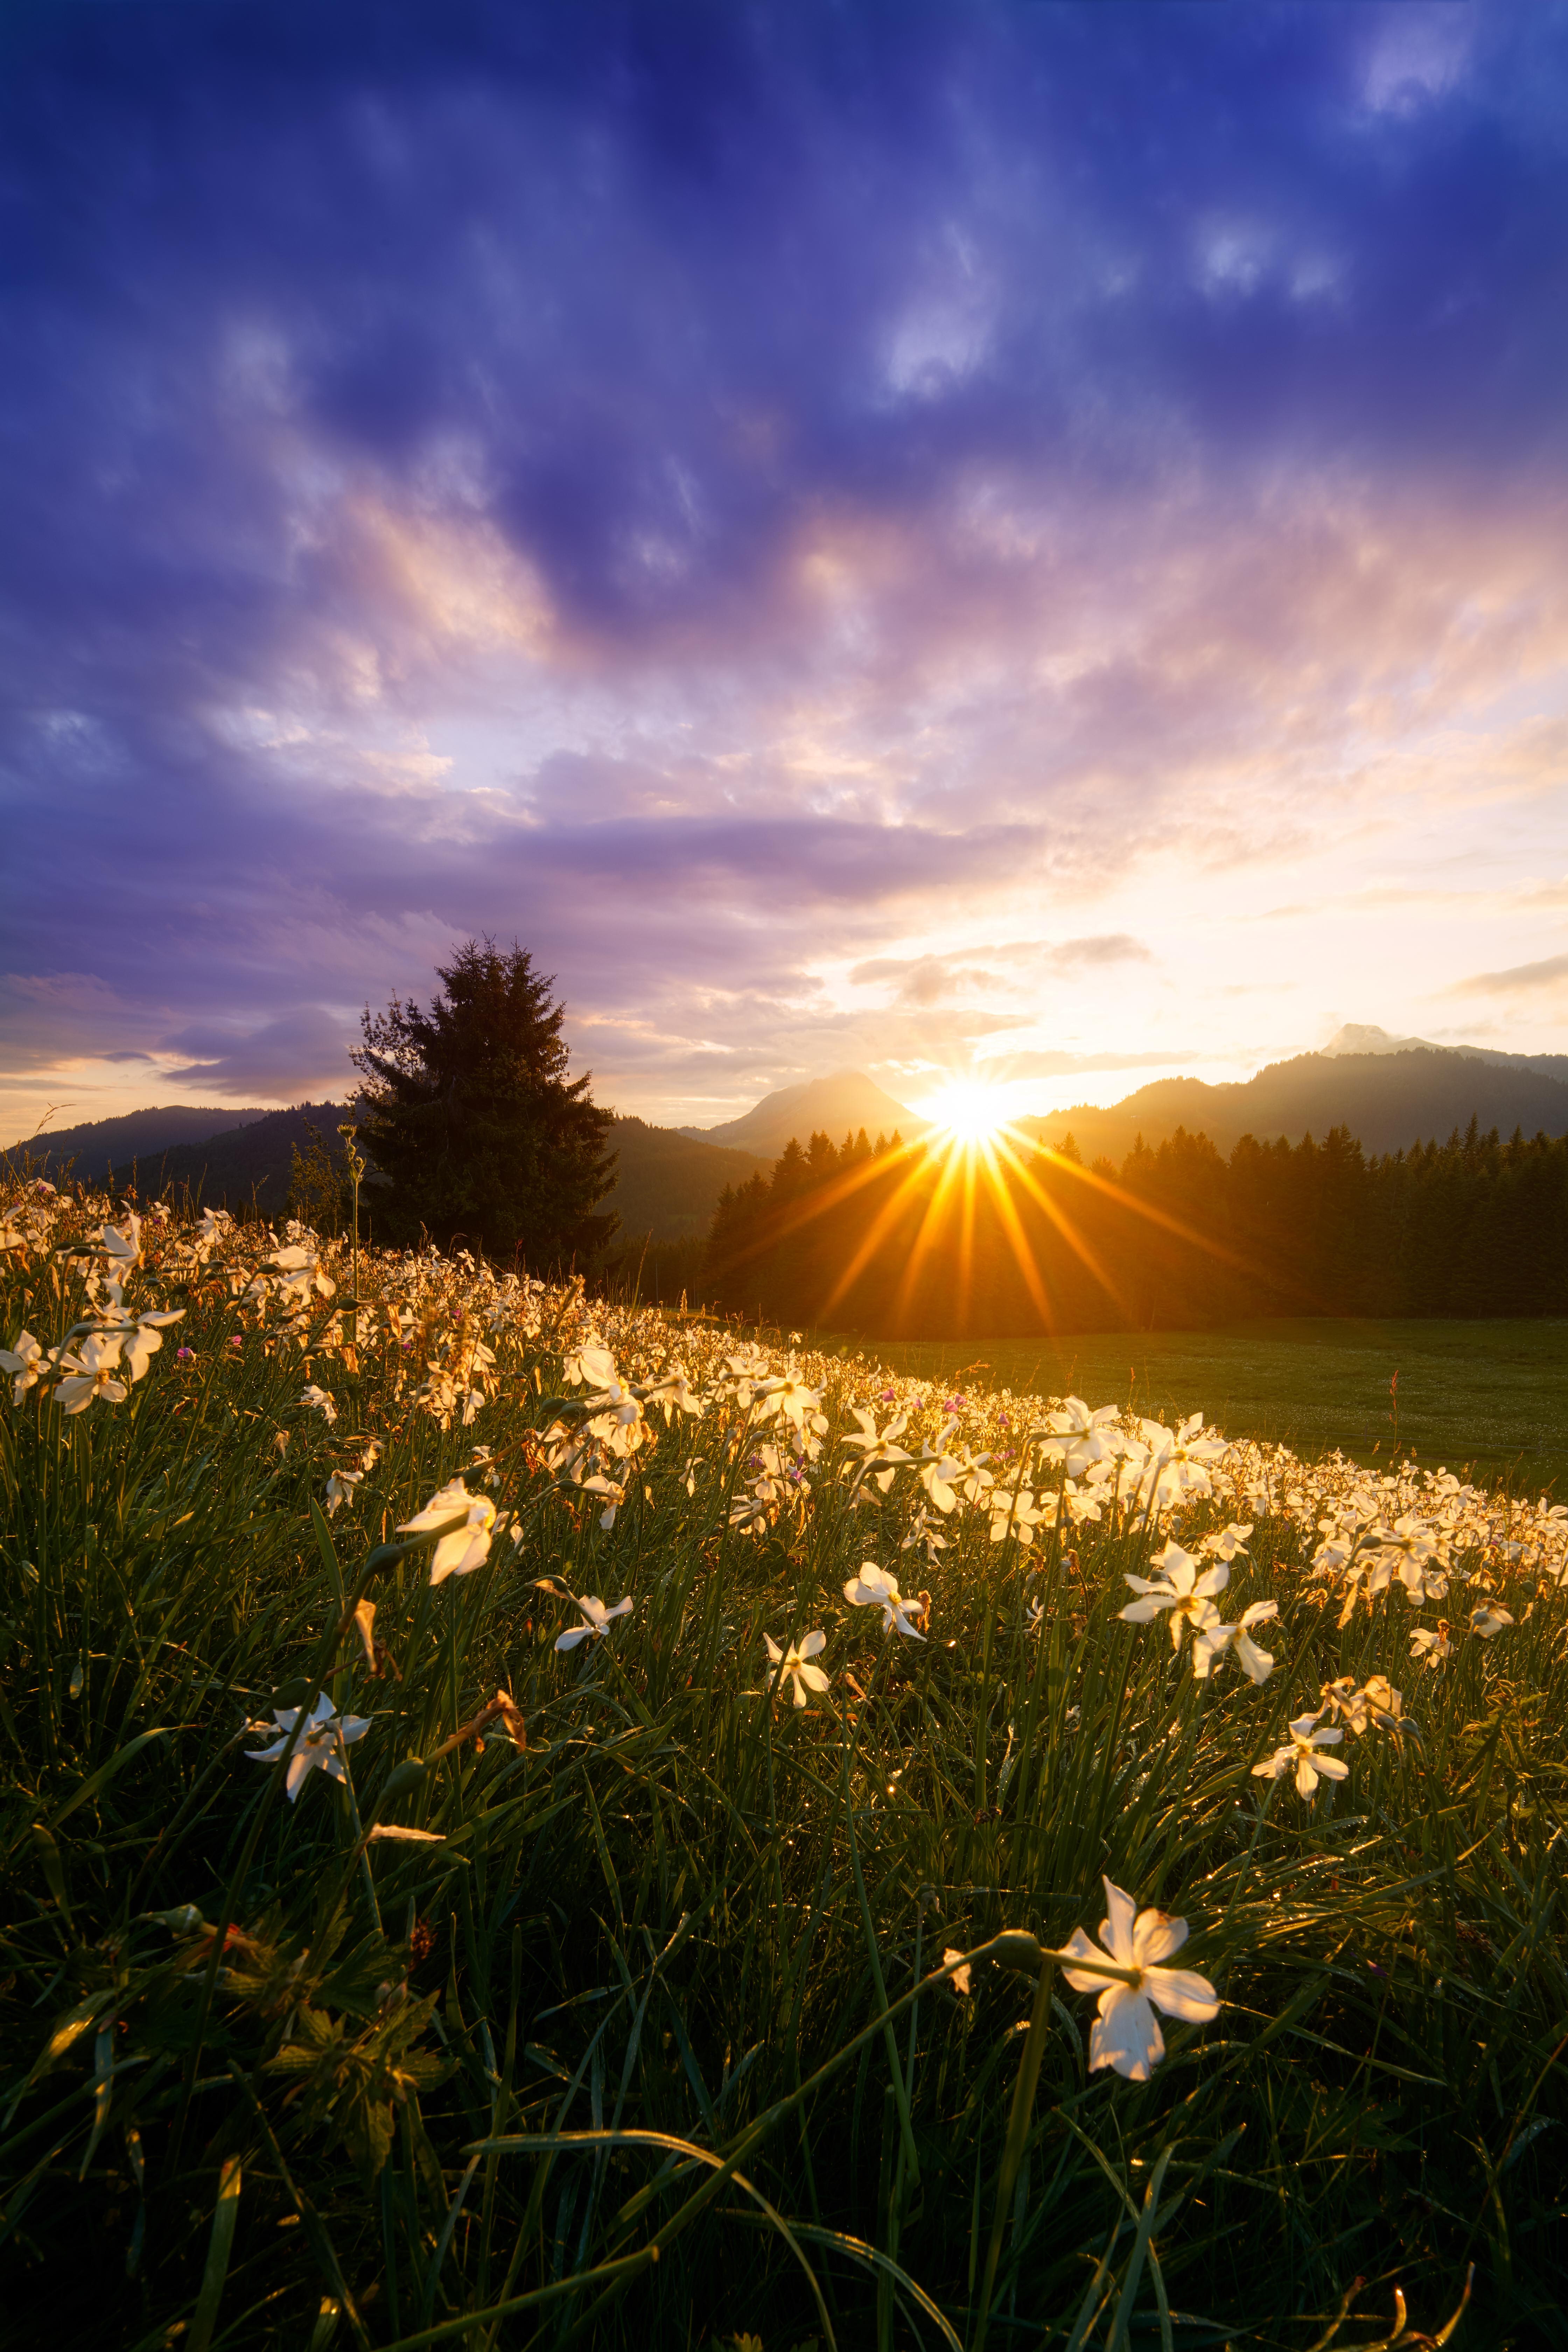 157152 Заставки и Обои Нарциссы на телефон. Скачать Природа, Цветы, Трава, Солнце, Нарциссы, Лучи картинки бесплатно